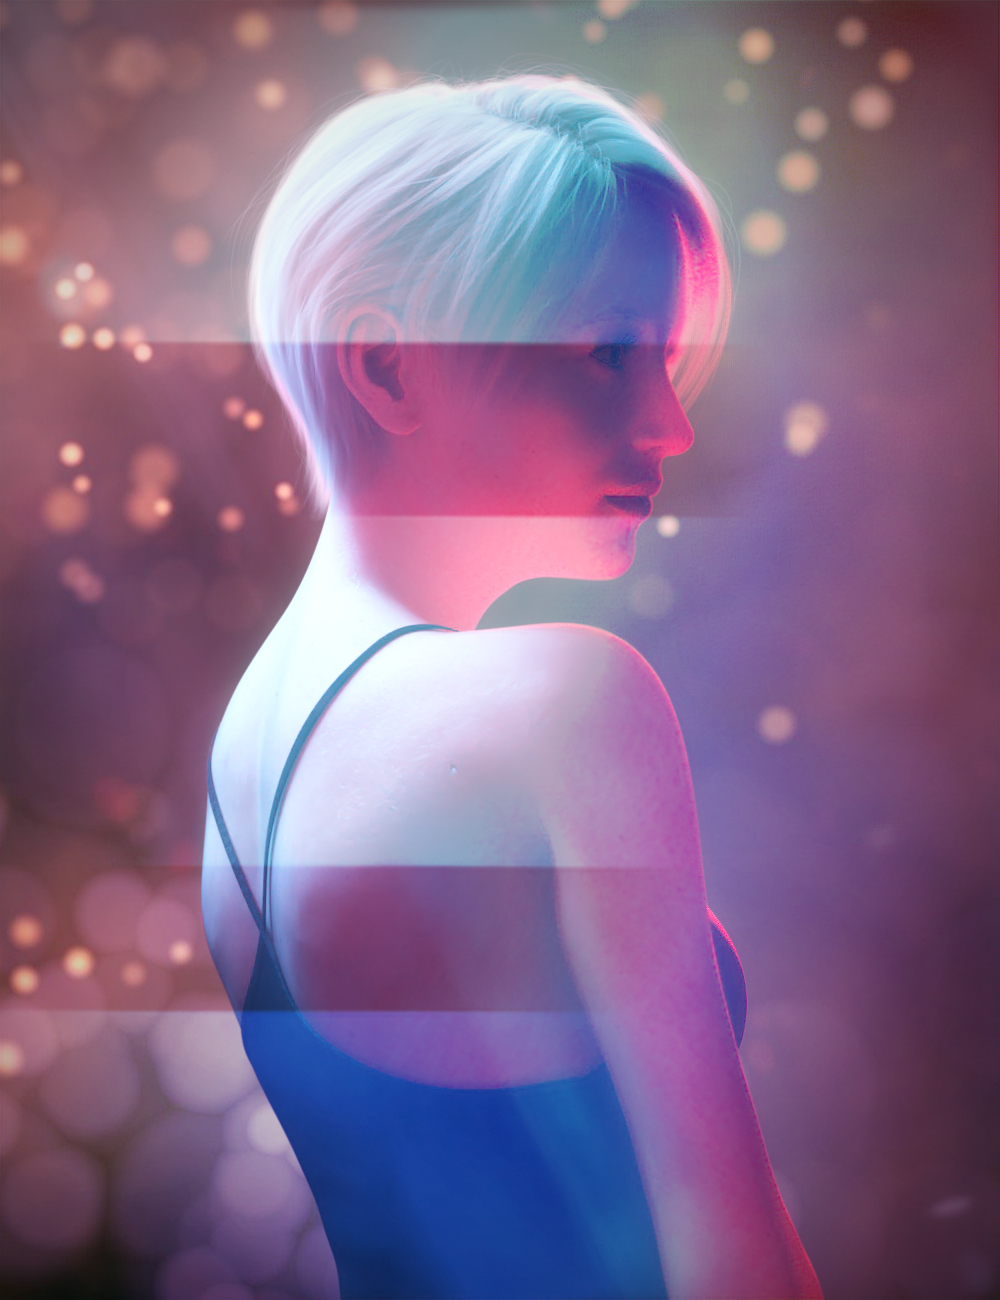 Iray Ghost Light Kit 3 by: KindredArts, 3D Models by Daz 3D